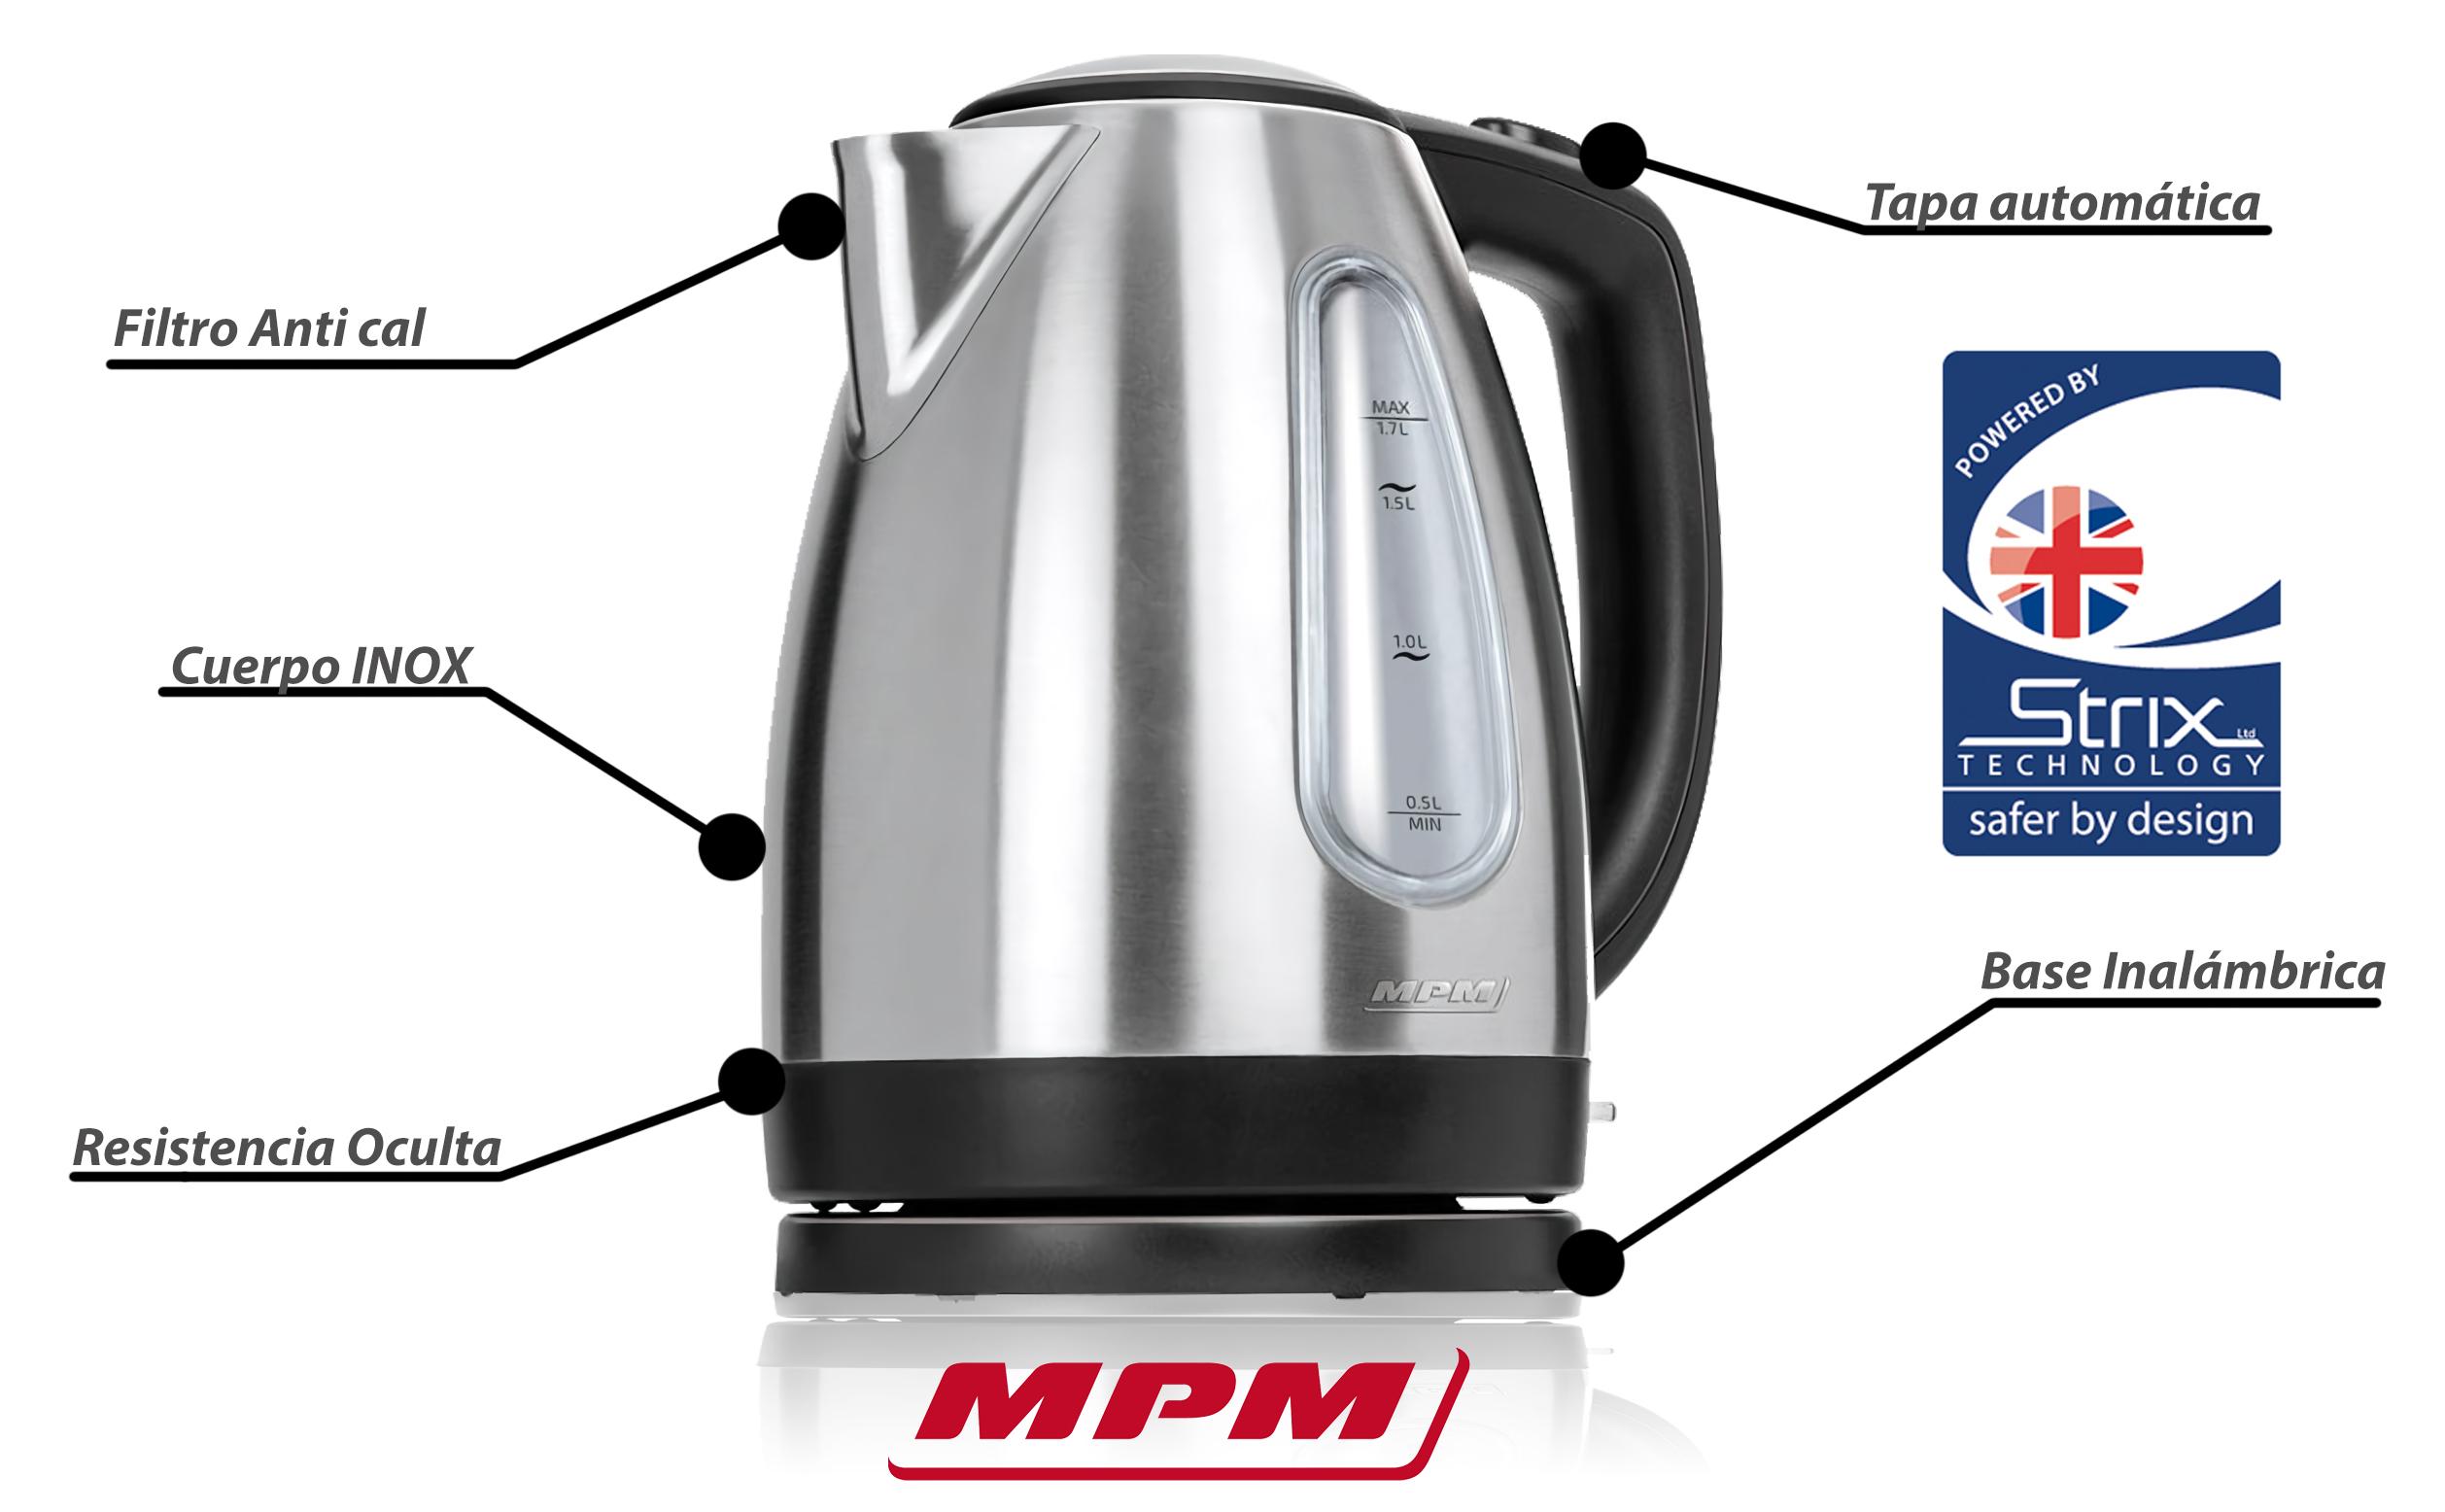 MPM MCZ-70M Hervidor de agua eléctrico 1,7 litros, recipiente acero inoxidable sin BPA, resistencia oculta, 2200 W con apagado automático al alcanzar la ebullición, inalámbrico 360º sin cable, filtro de cal